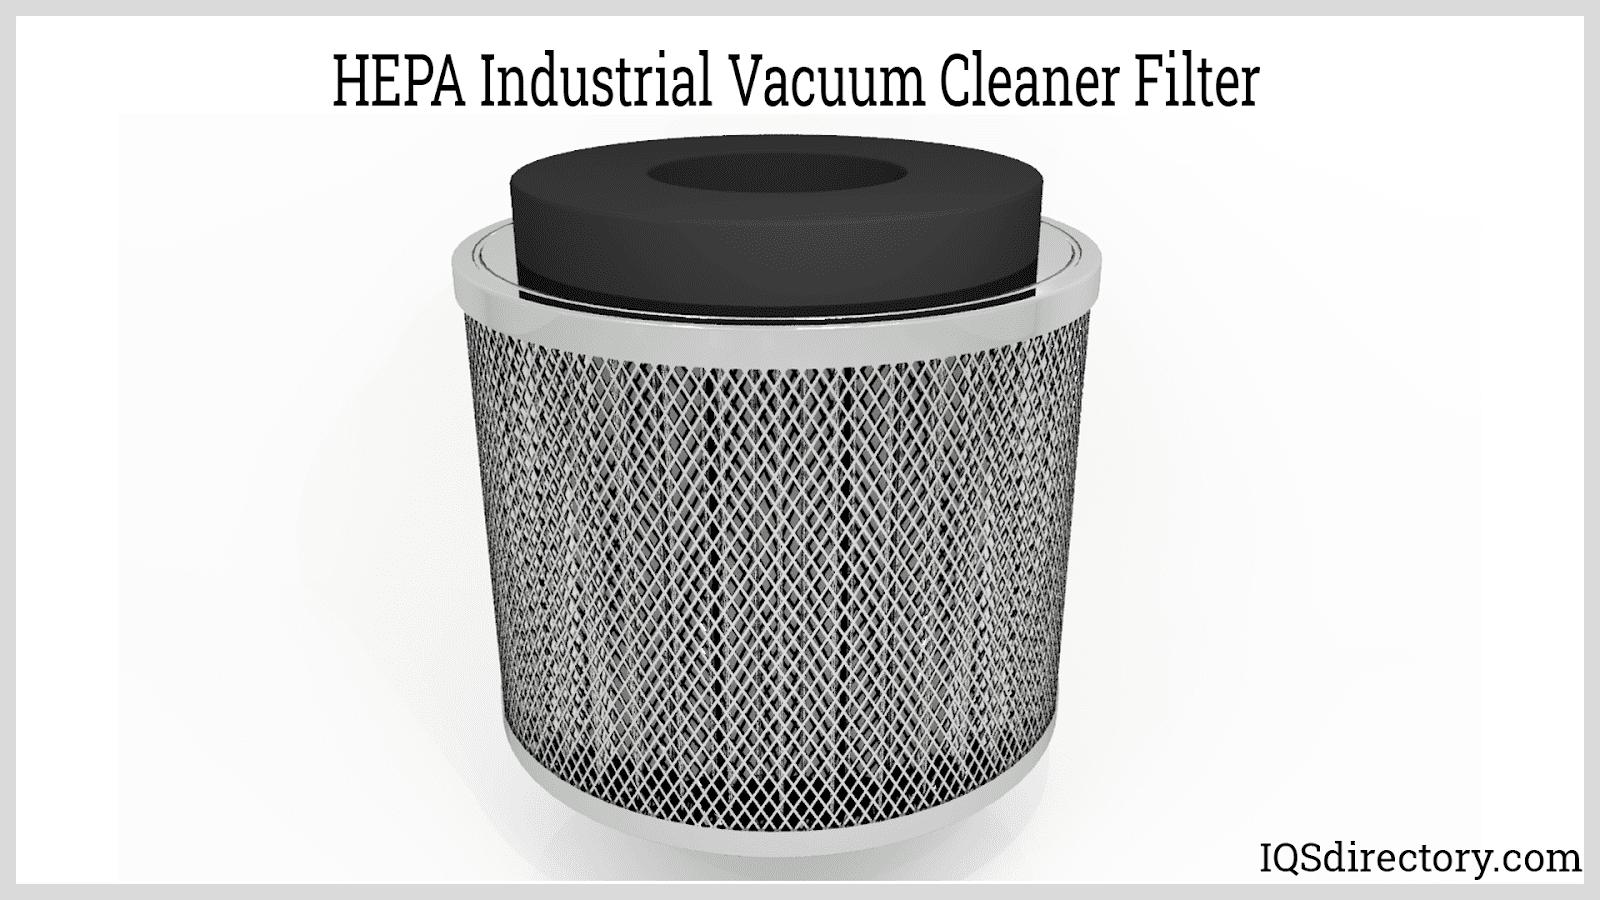 HEPA Industrial Vacuum Cleaner Filter